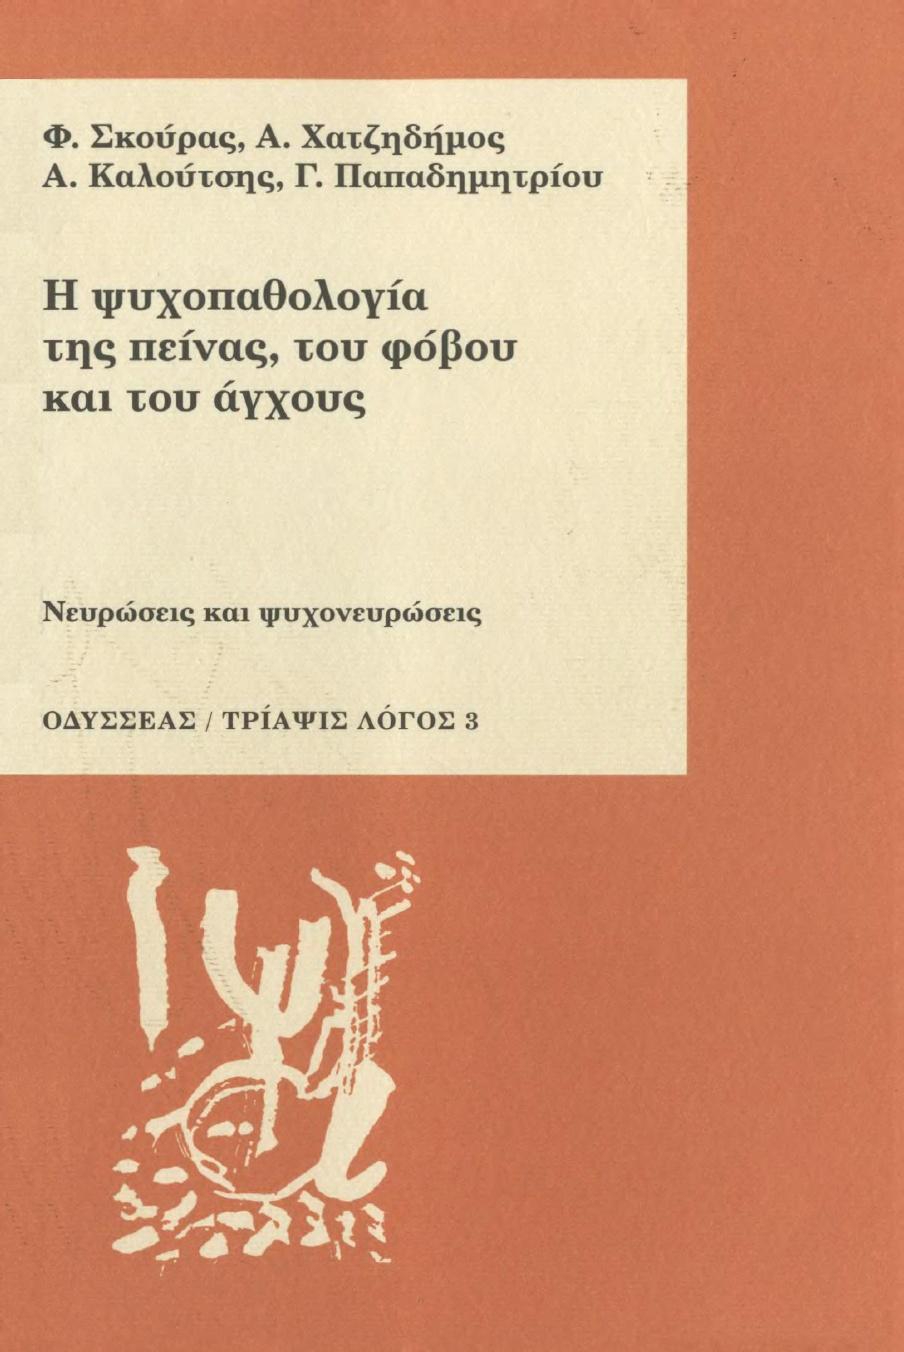 Η ψυχοπαθολογία της πείνας του φόβου και του άγχους - 1947